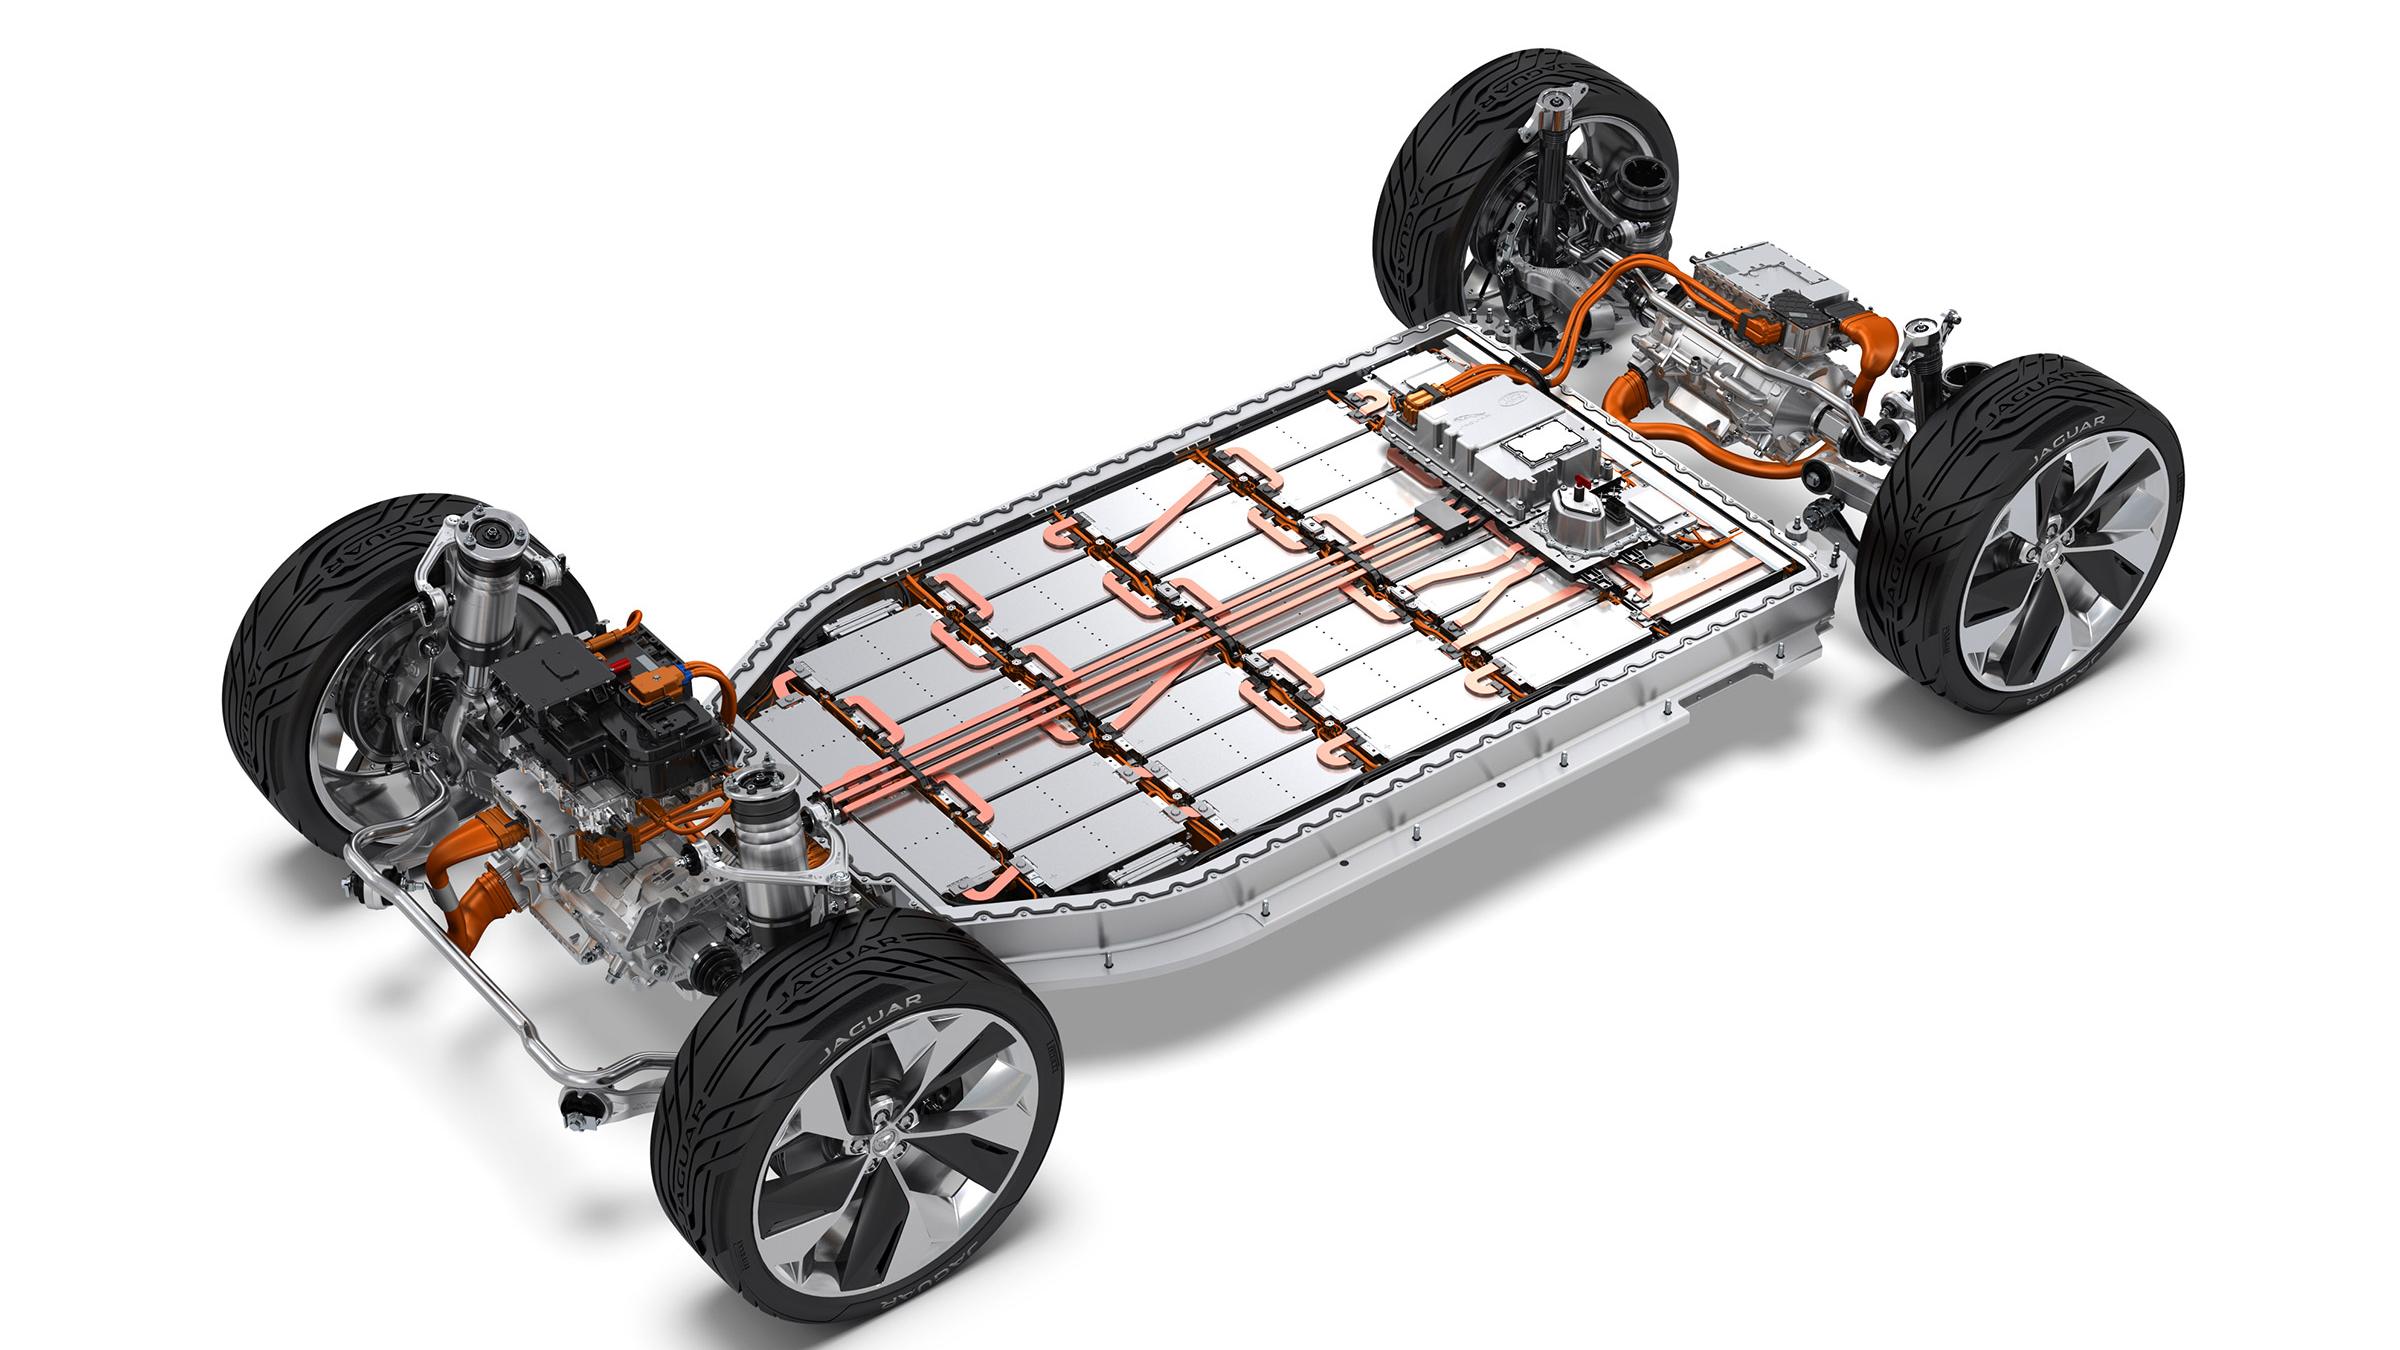 电动车维护电池好还是周转电池好_已解决 - 阿里巴巴生意经